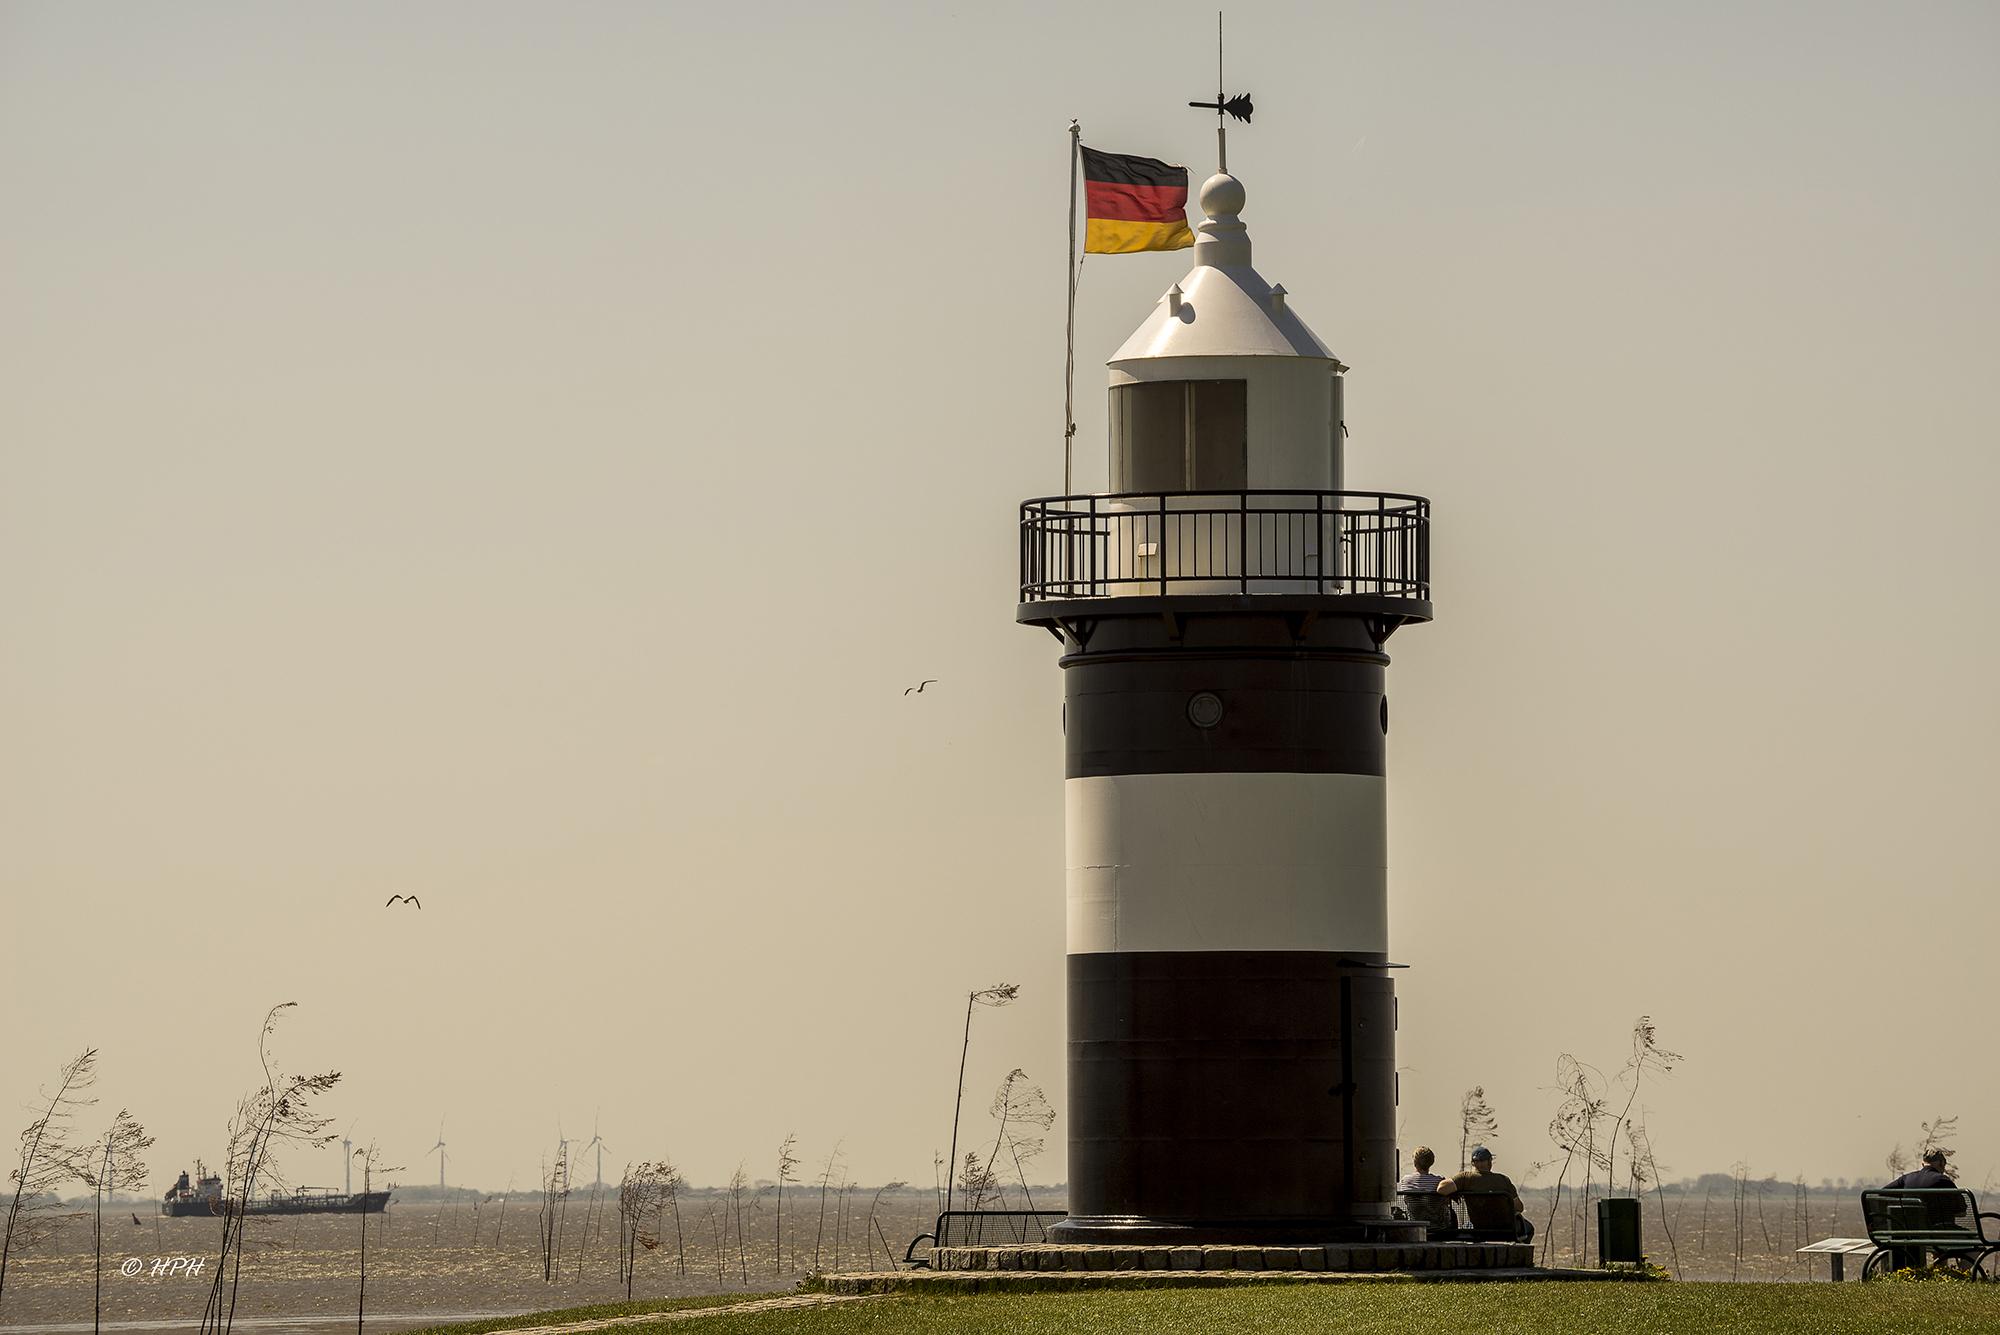 Lighthouse 'Kleiner Preuße', Wremen, Germany